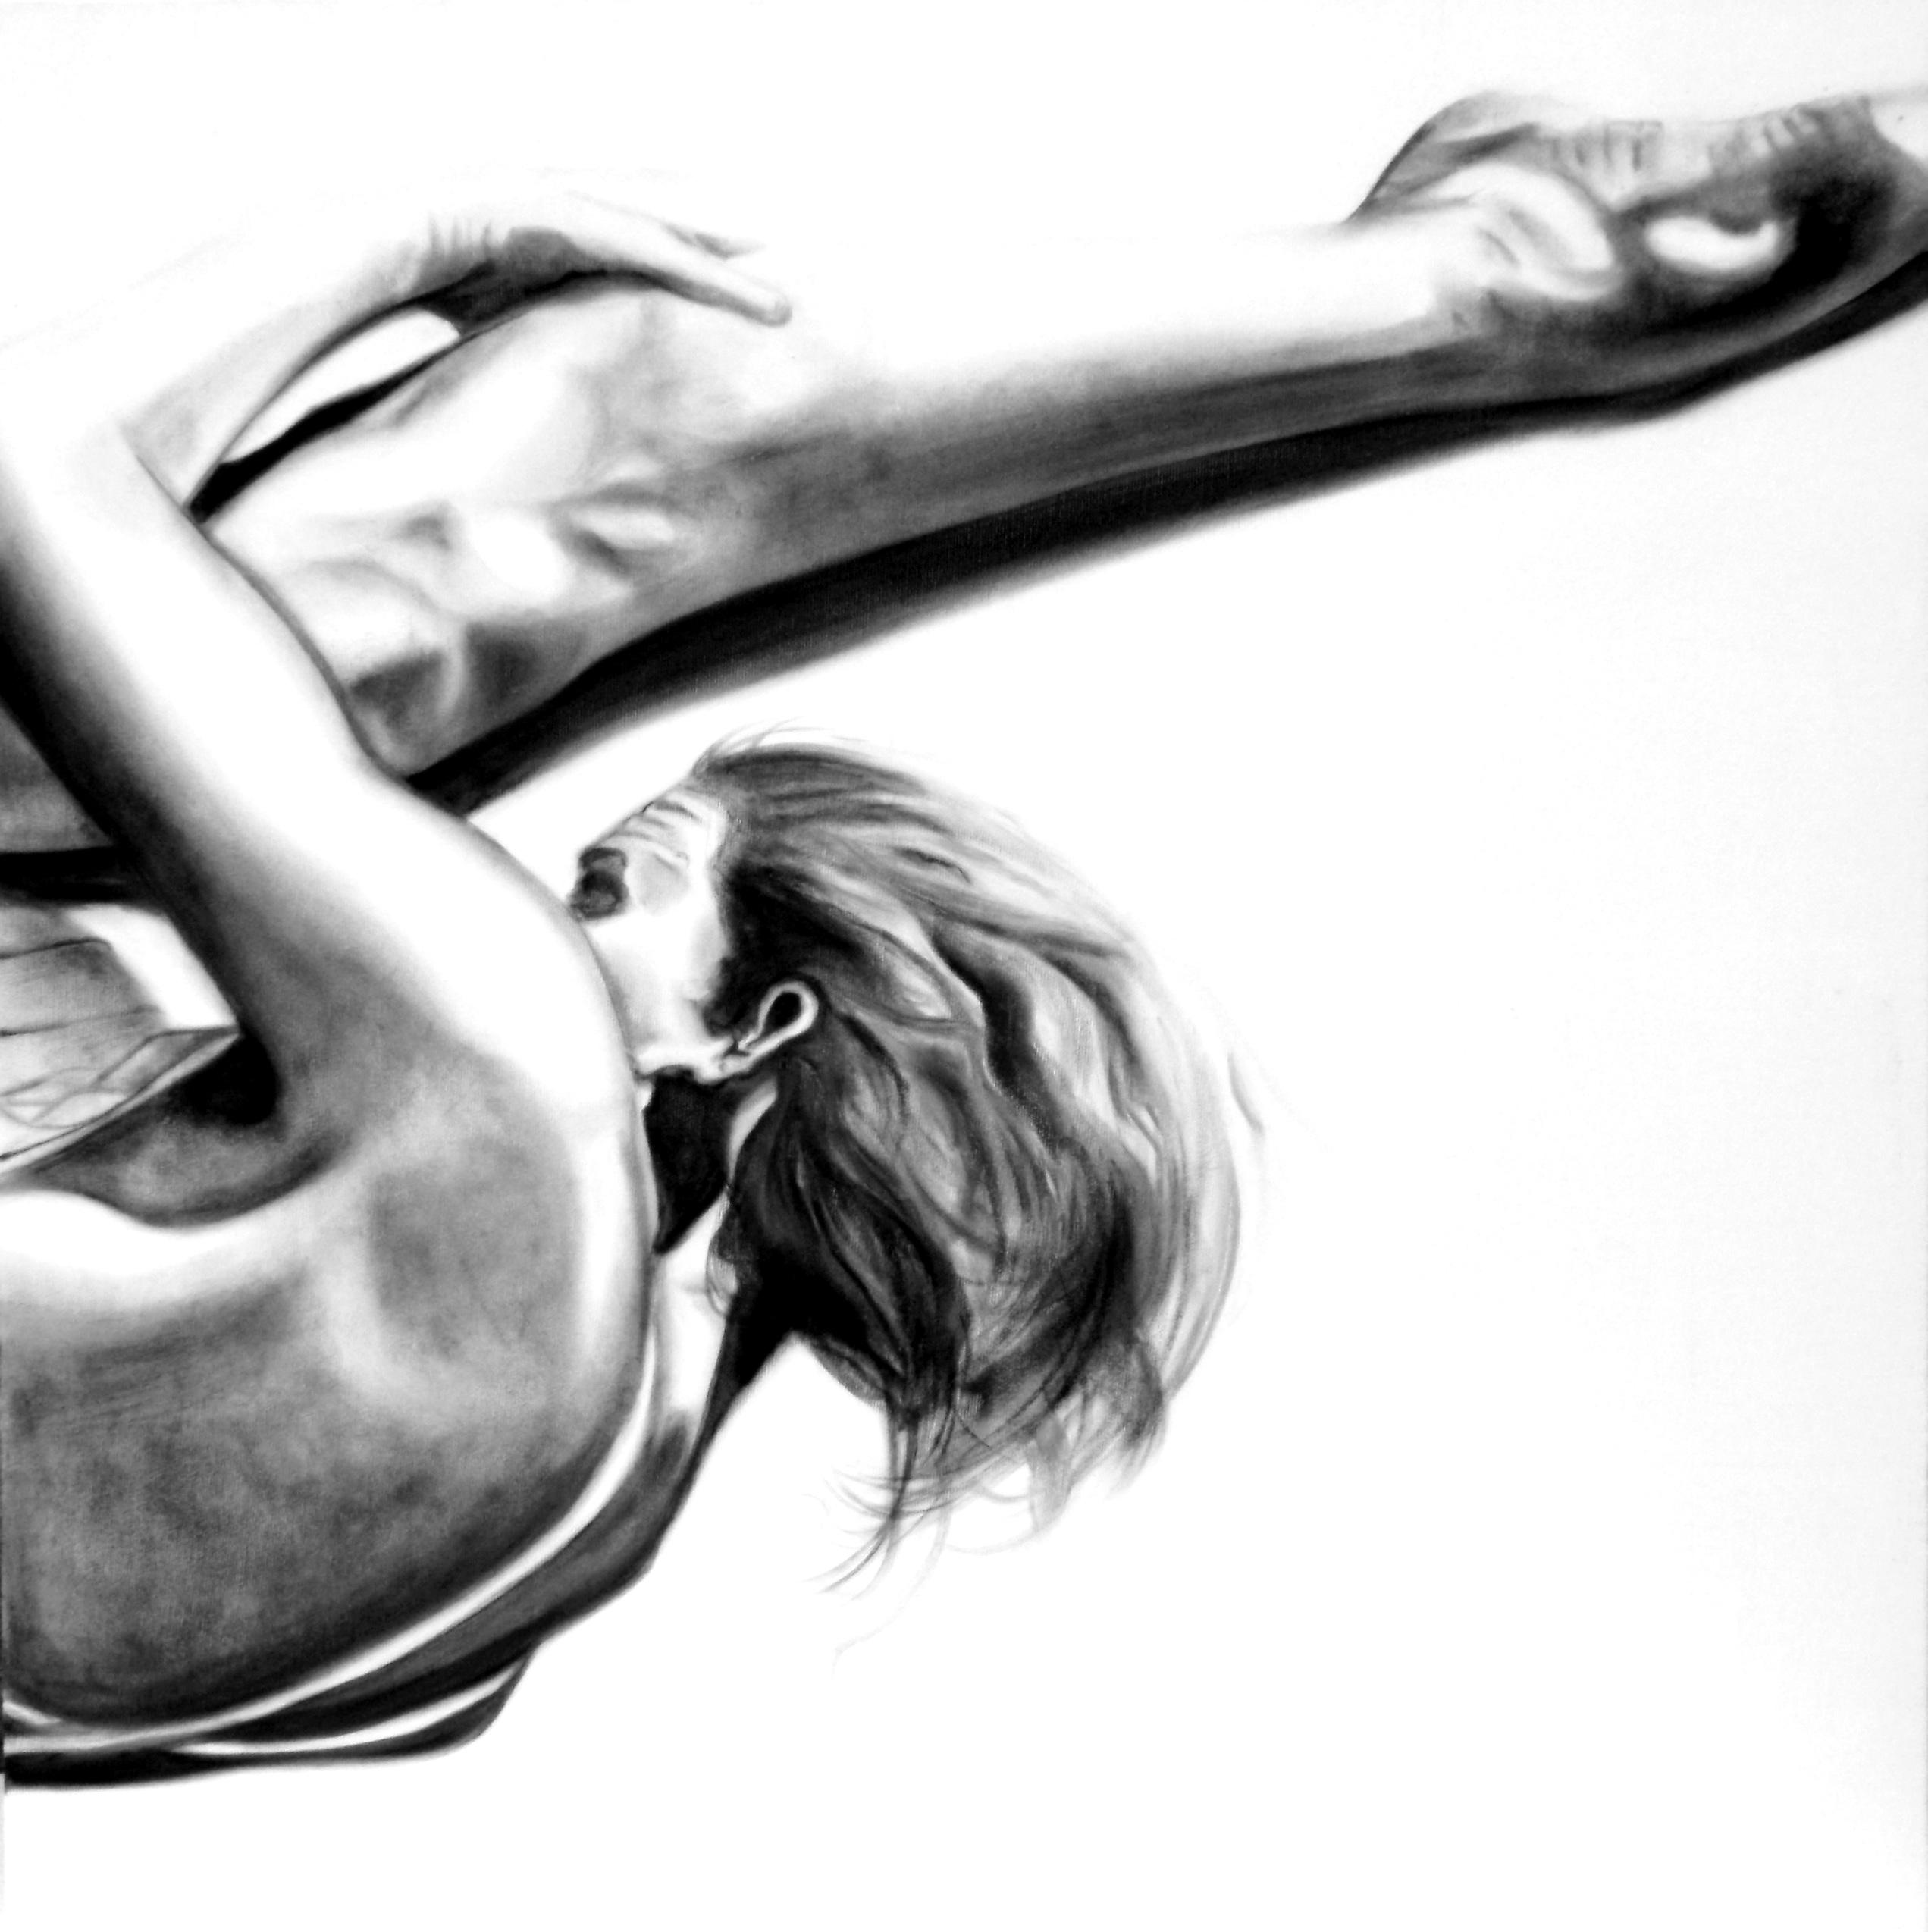 oil on canvas JUMP 19 80x80 cm 2015